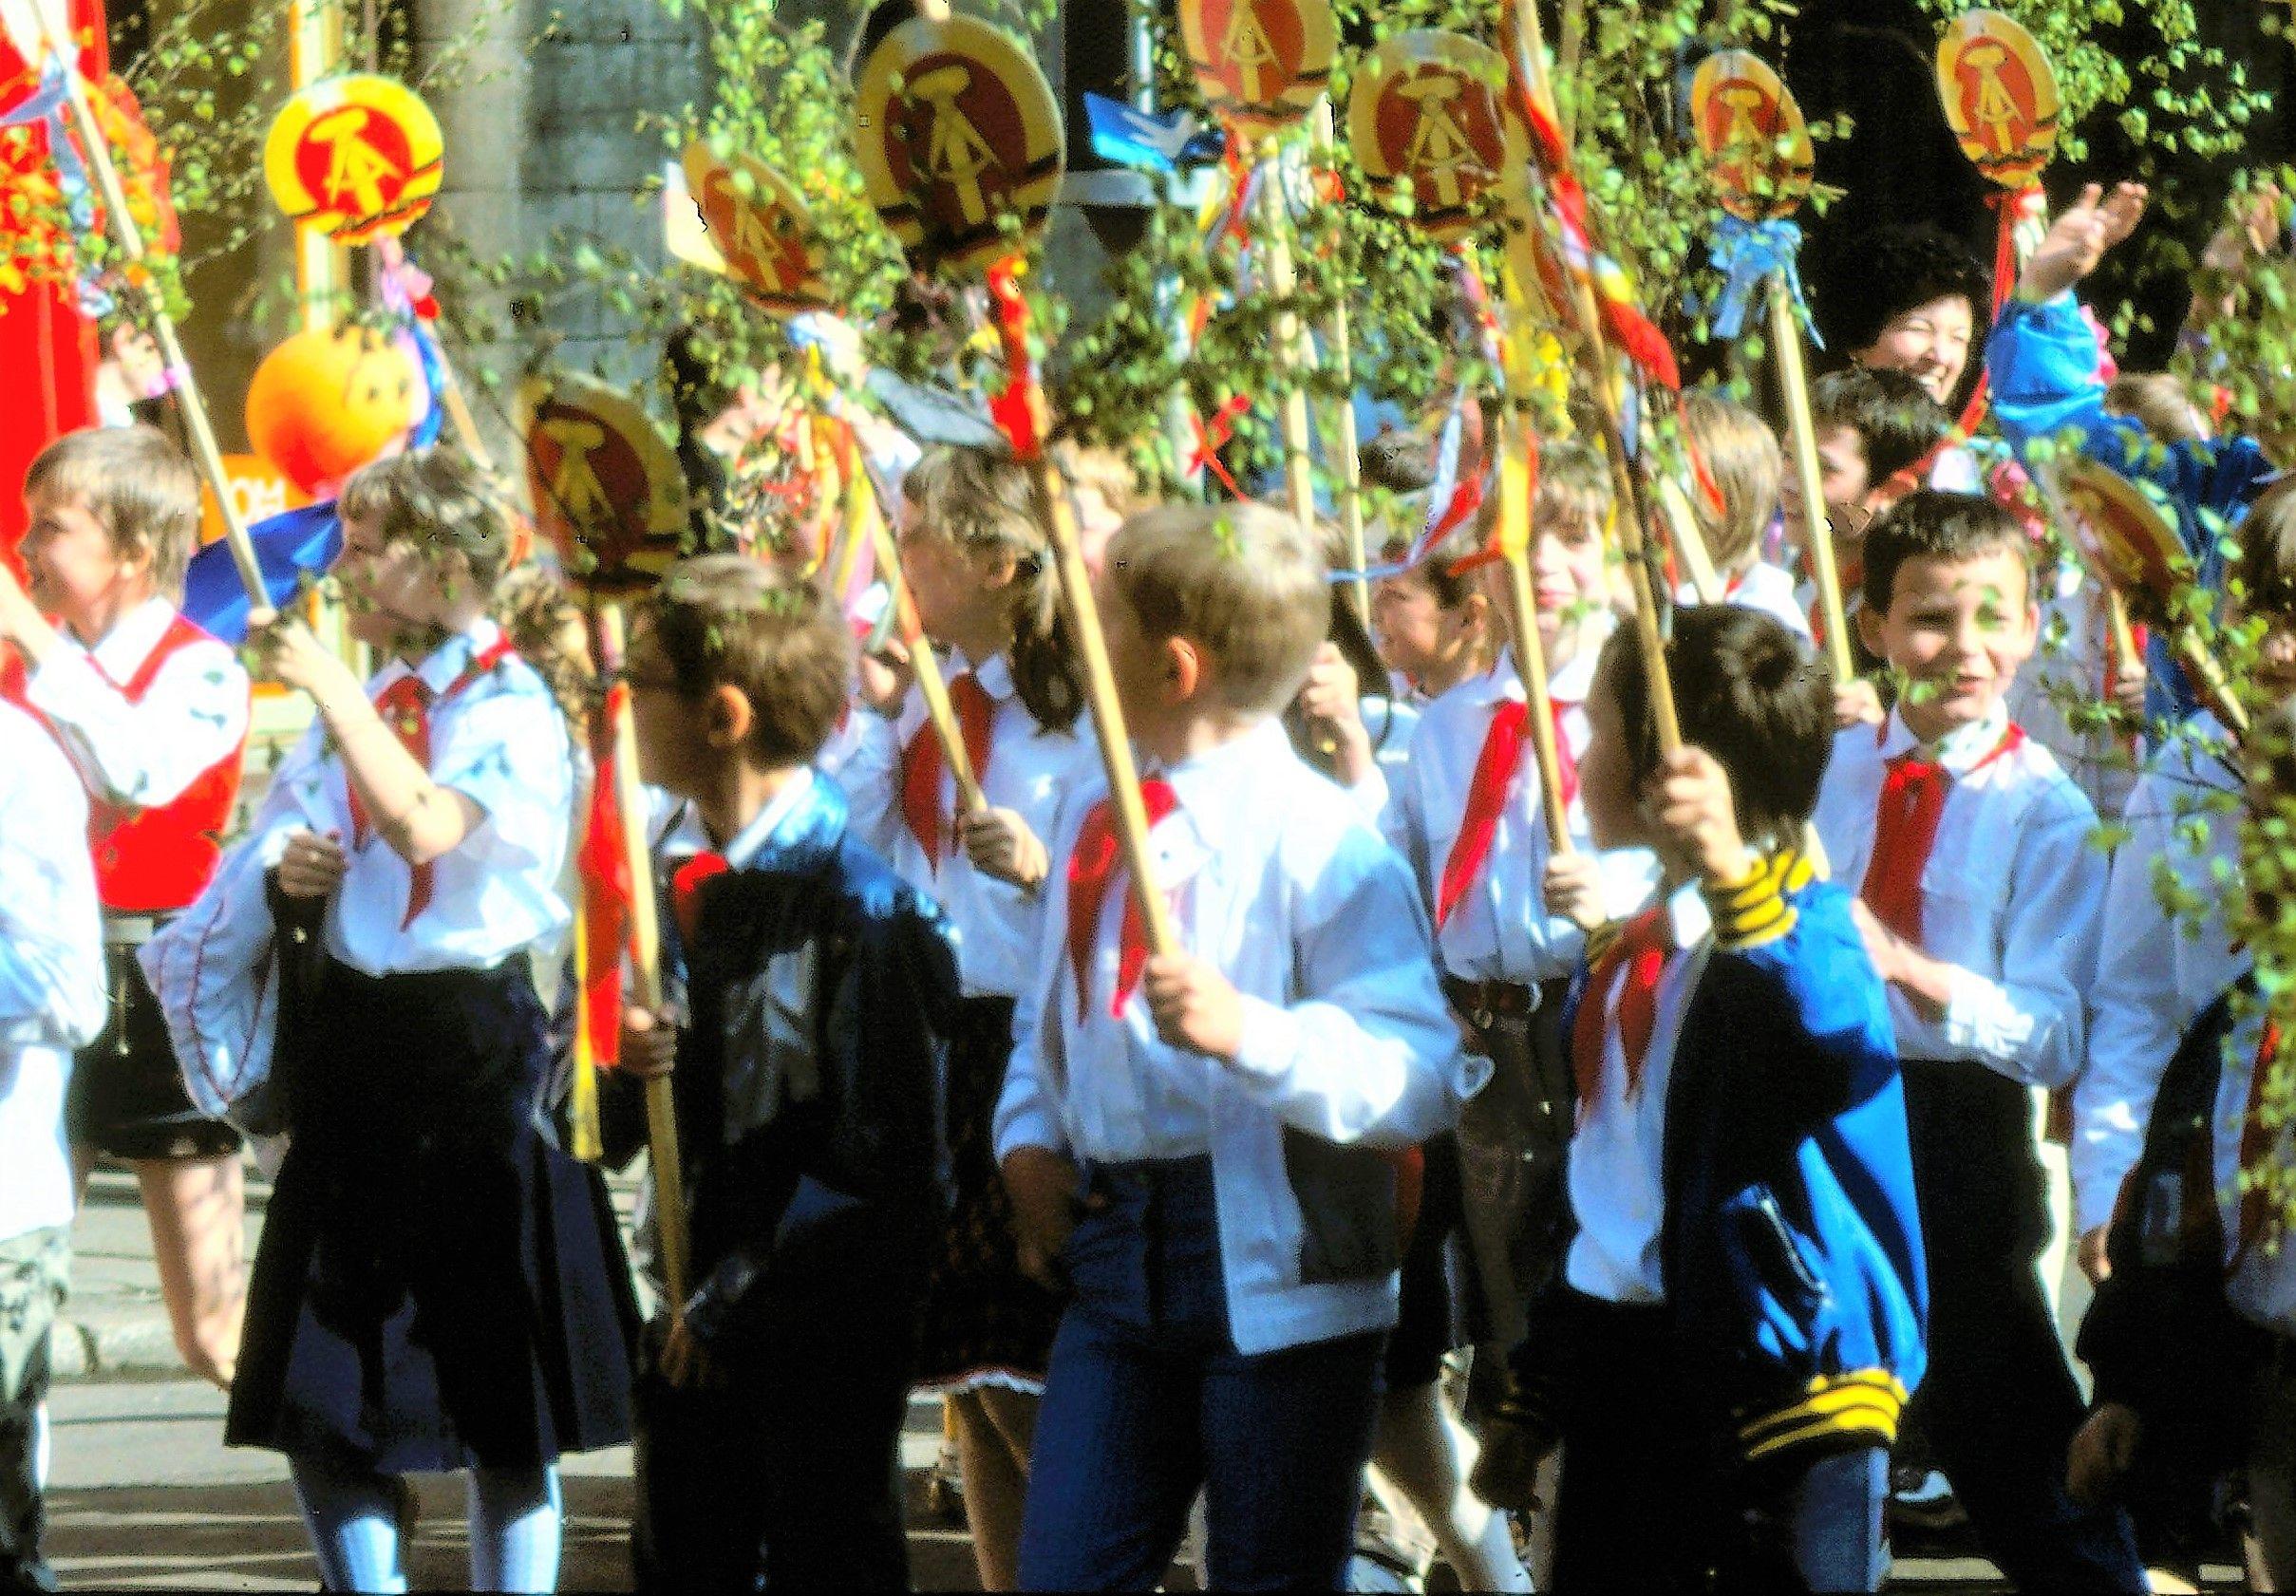 Thälmannpioniere,Jungpioniere,DDR Kinder,Freie-Deutsche-Jugend,DDR ...